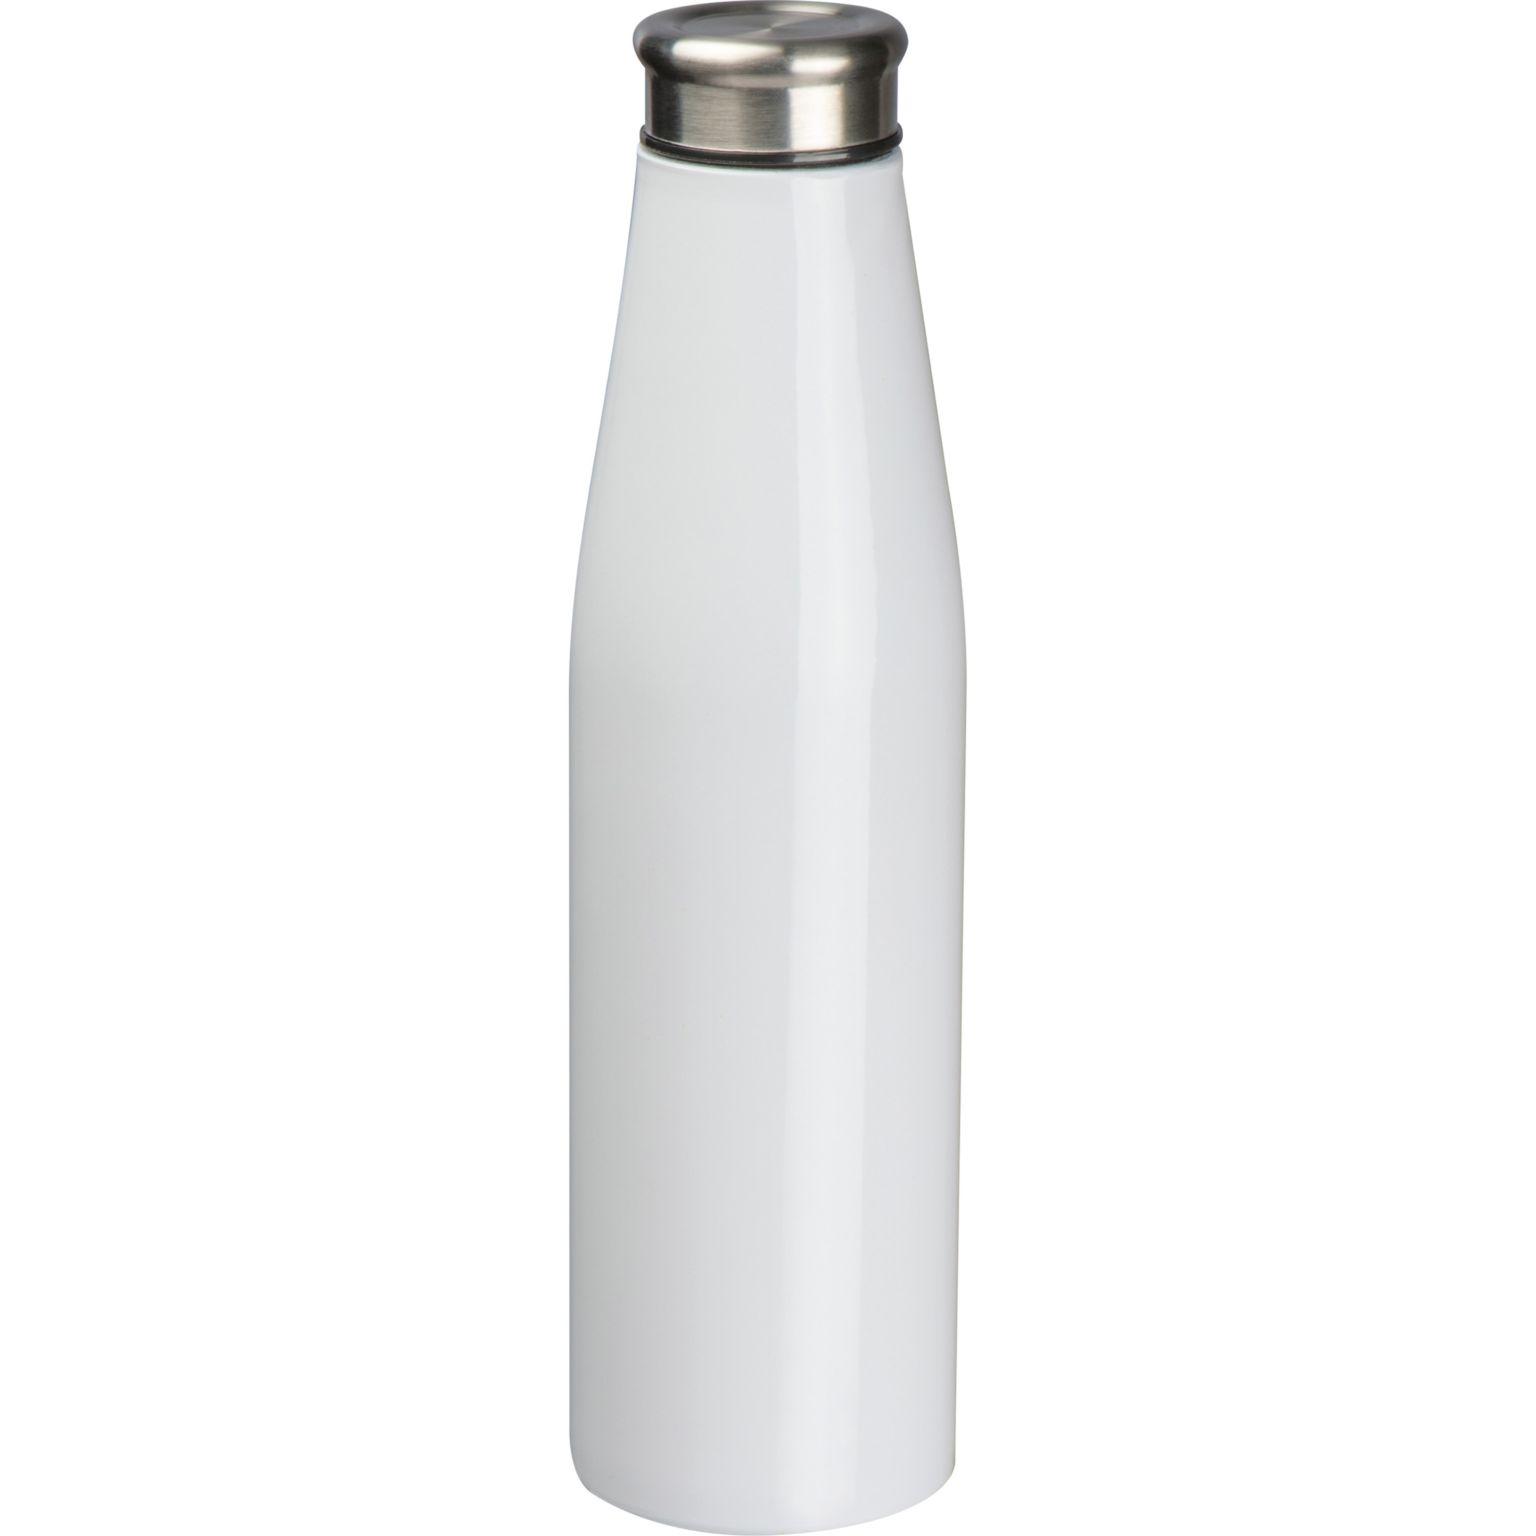 Drinking bottle 750 ml